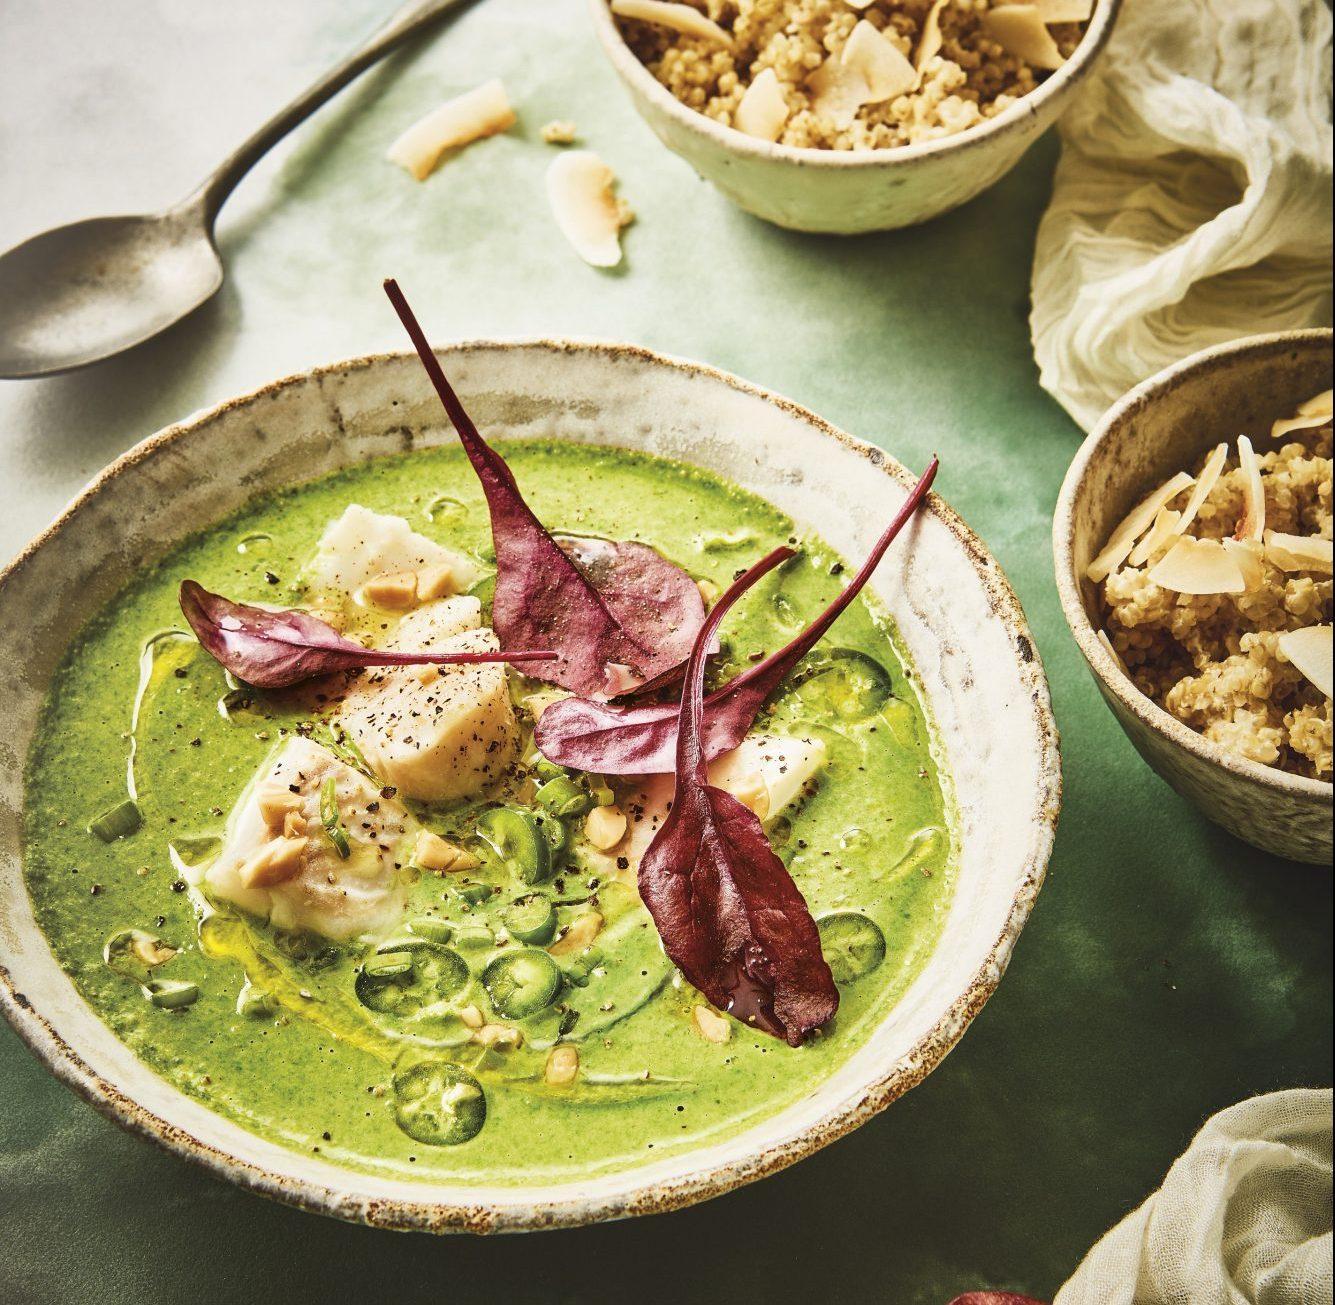 Μια δροσιστική σούπα βελουτέ με σπανάκι, ψάρι, φυστίκια, καρύδα και κινόα Αυτό το πιάτο μοιάζει βγαλμένο από τον πιο καλαίσθητο foodie λογαριασμό στο Instagram. Όσο μπελαλίδικο φαίνεται στην φωτογραφία, τόσο εύκολο είναι τελικά...